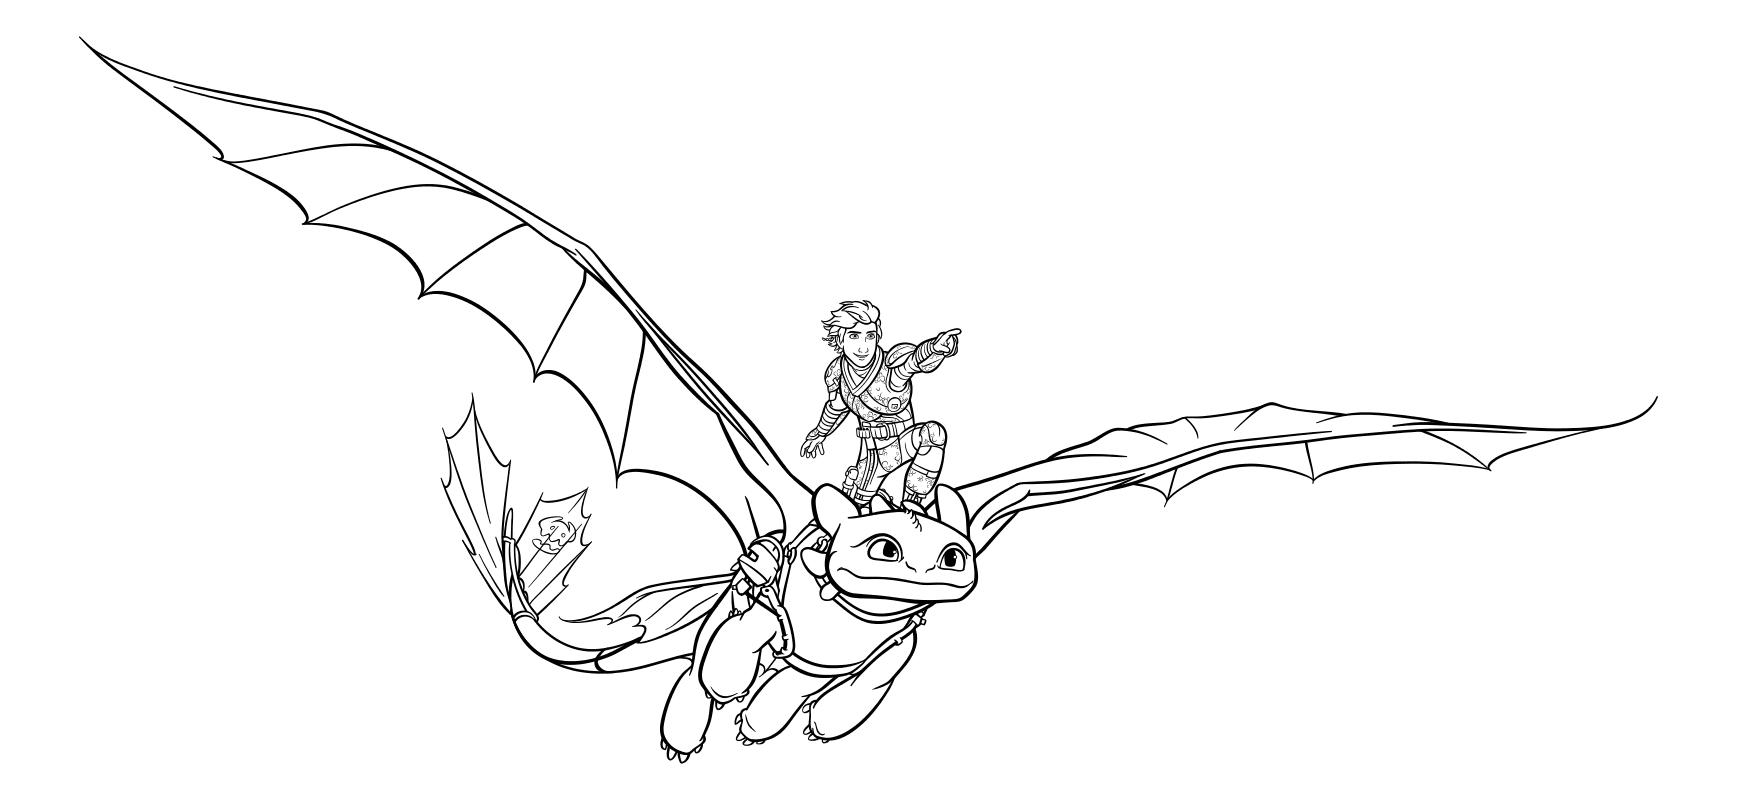 Раскраска - Как приручить дракона 3 - Иккинг летит на Беззубике